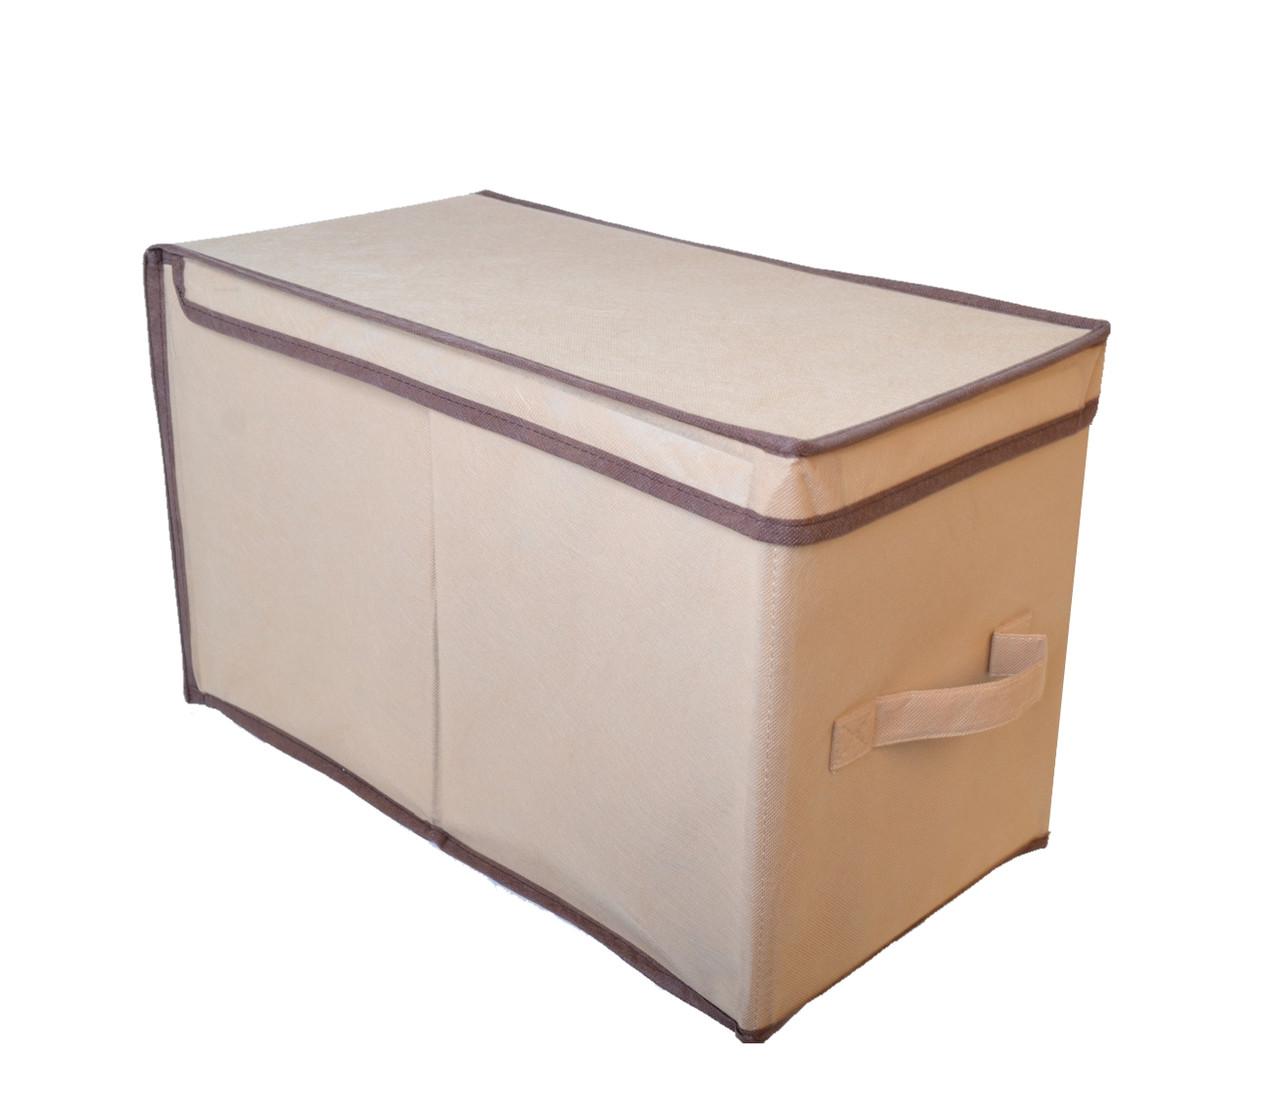 Короб для хранения вещей Melody 50*30*25 см, Design Line (Украина) 62154